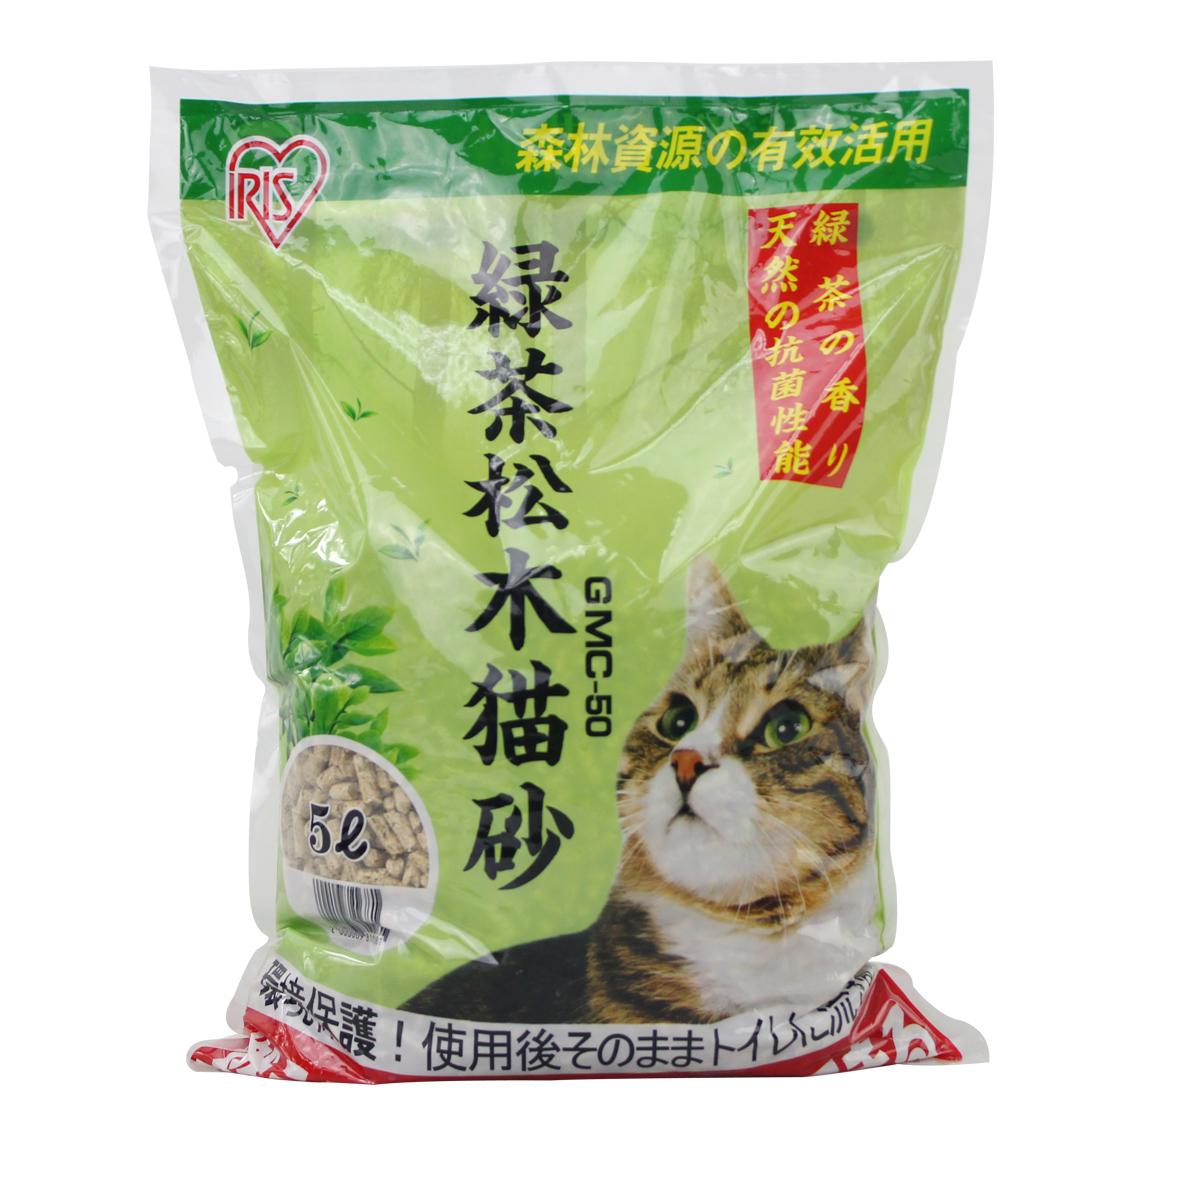 波奇網 寵物用品愛麗思綠茶鬆木貓砂5L 無粉塵貓砂 除臭貓沙